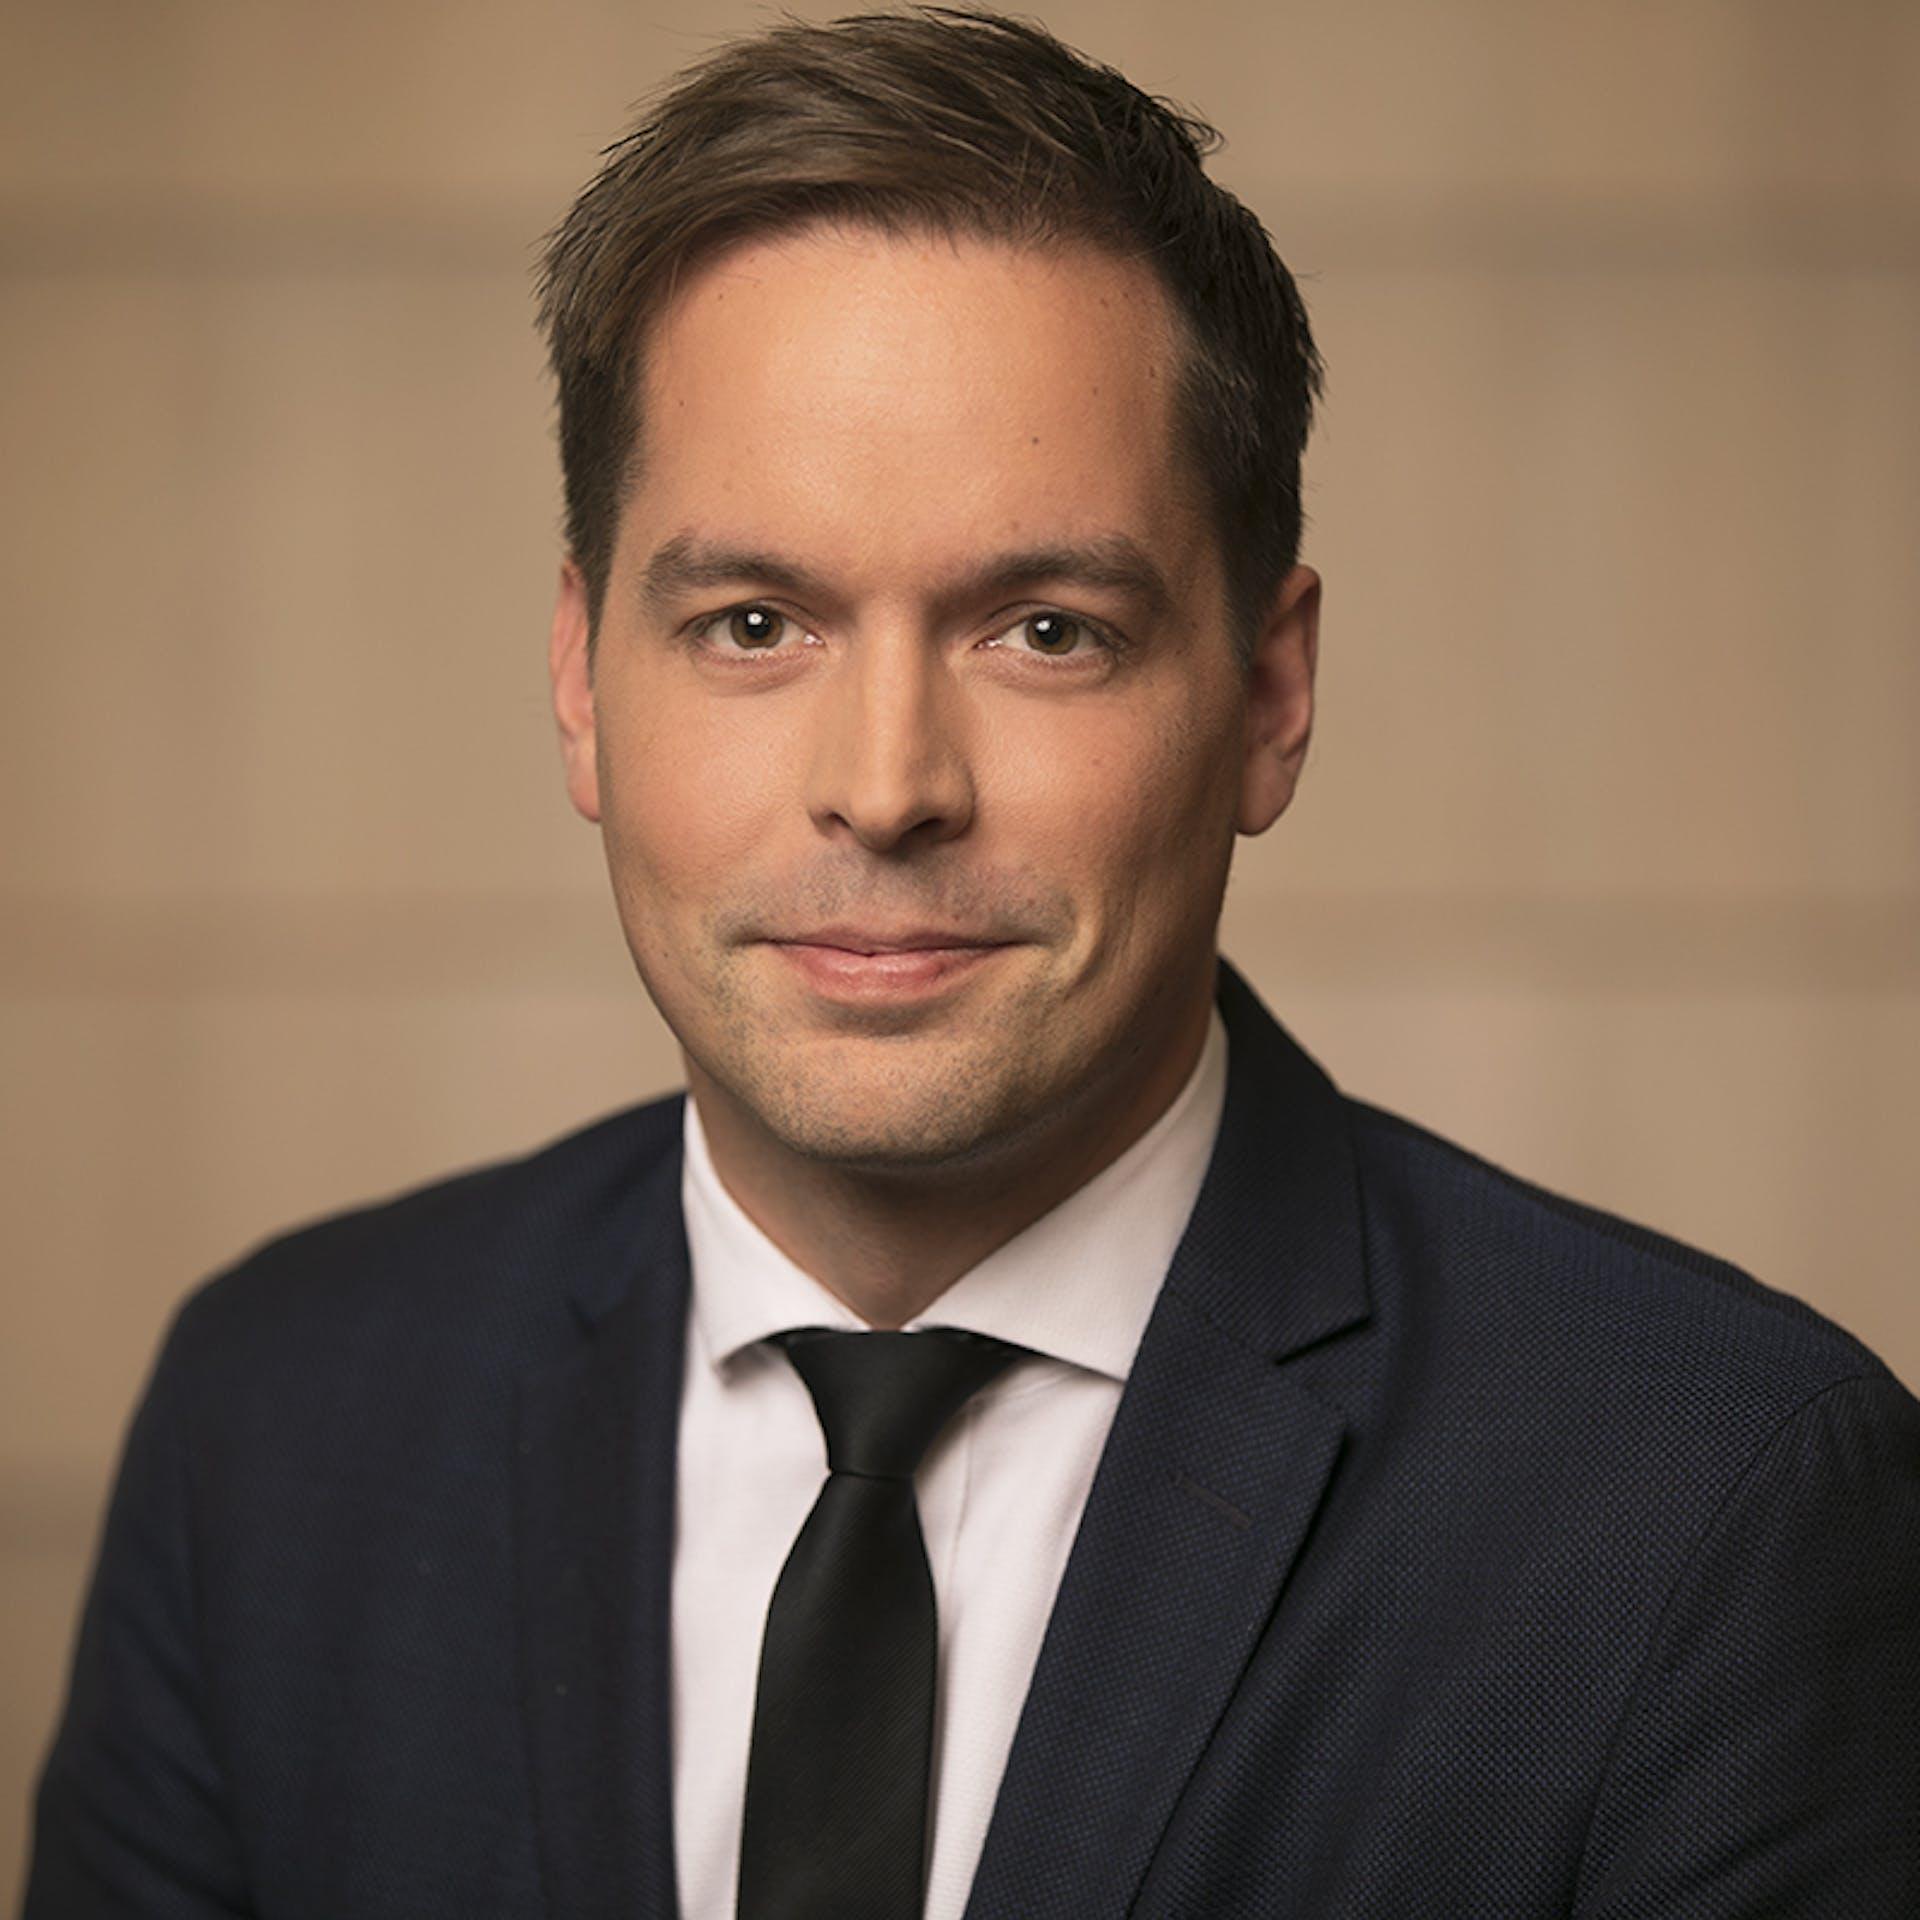 Jan Erlingsson